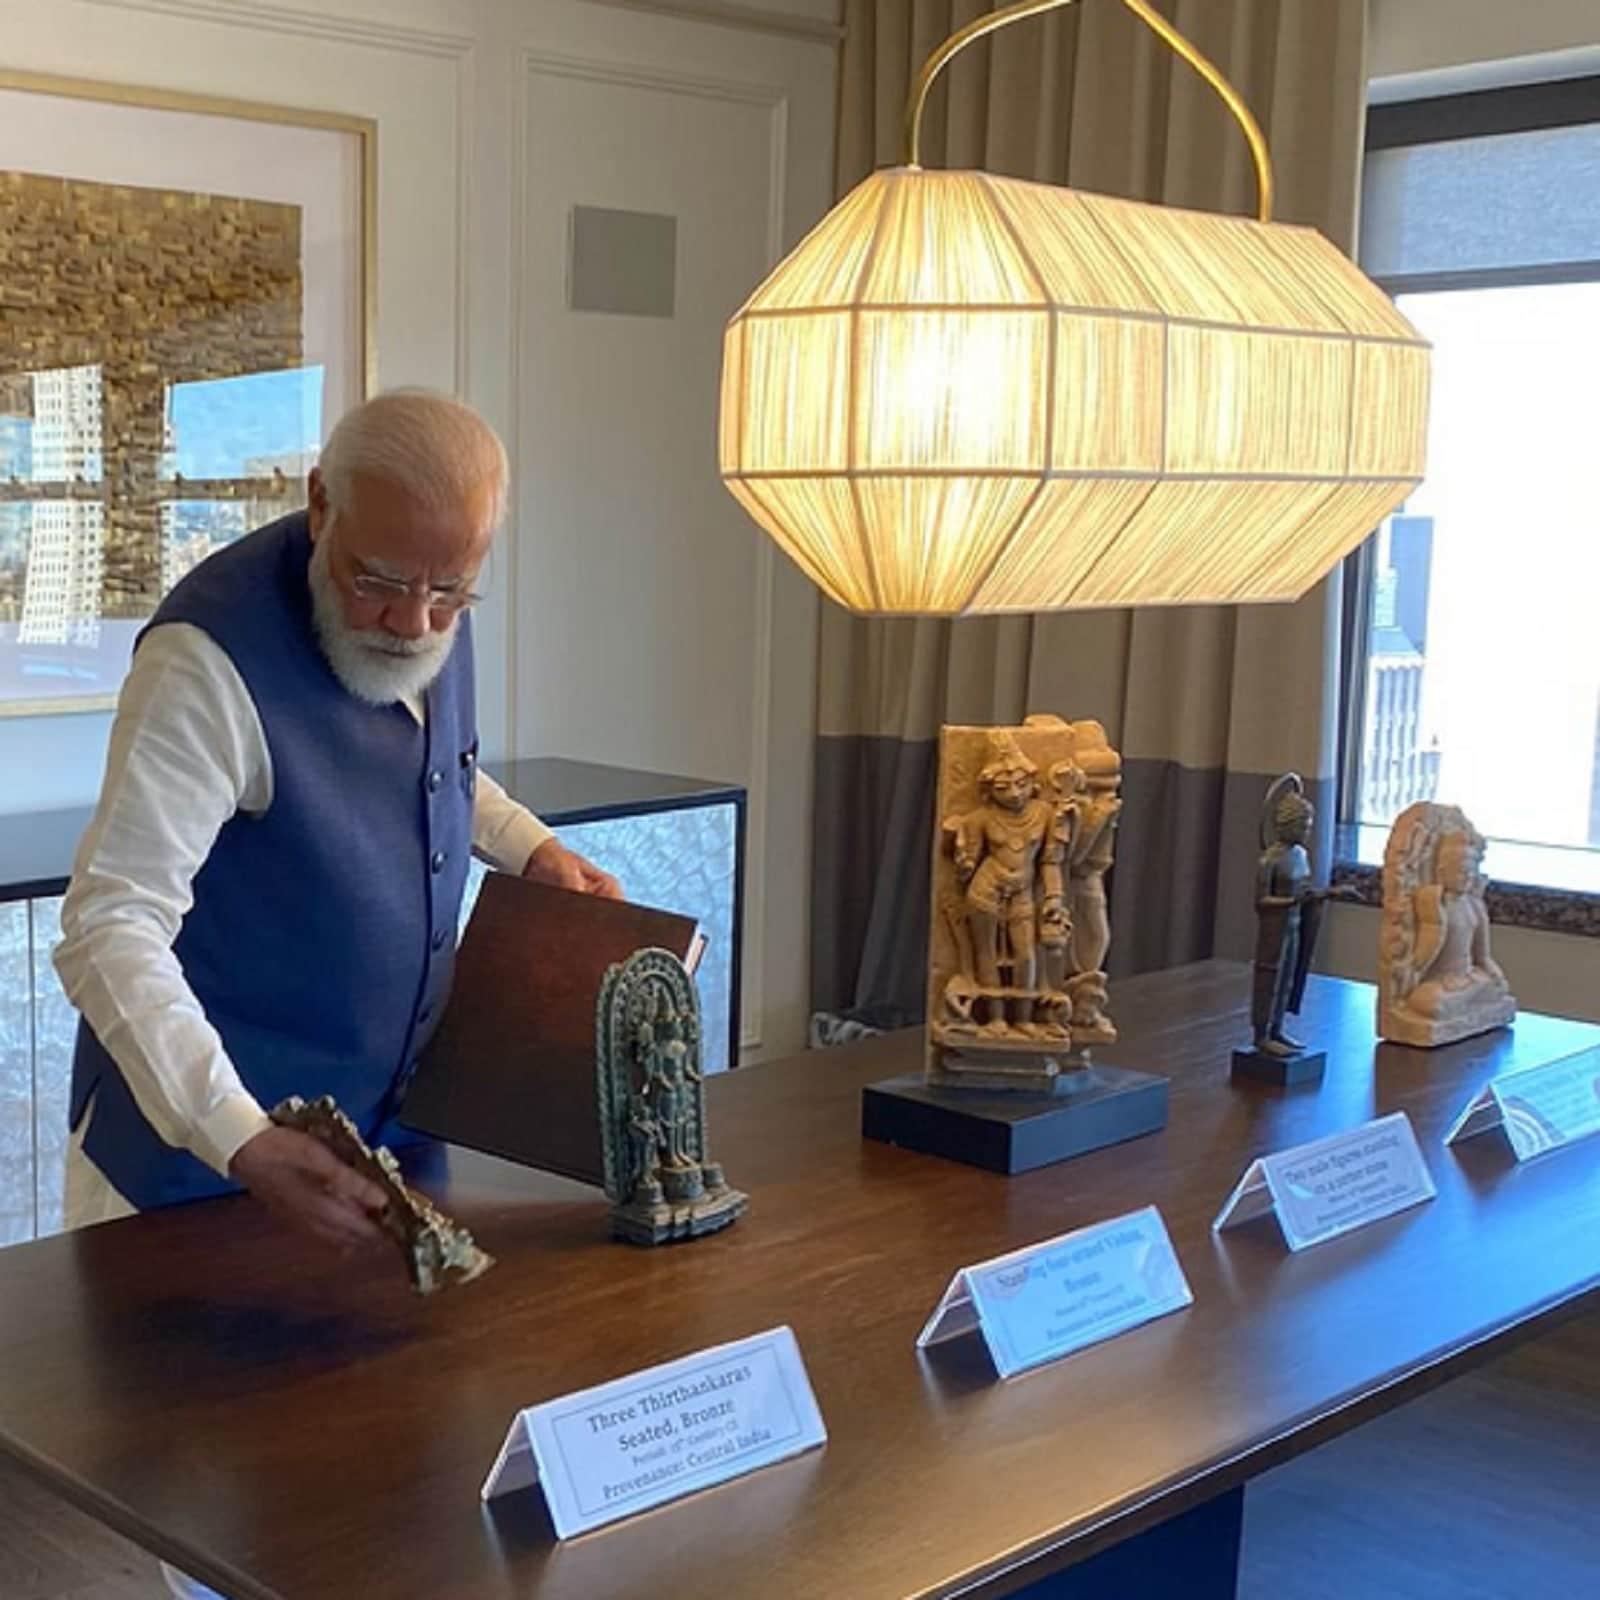 प्रधानमंत्री नरेंद्र मोदी रविवार को जब स्वदेश लौटेंगे तब अपने साथ 157 प्राचीन कलाकृतियां व वस्तुएं लेकर आएंगे. अमेरिका ने इन कलाकृतियों व वस्तुओं को प्रधानमंत्री को भेंट किया है. प्रधानमंत्री कार्यालय (पीएमओ) ने एक बयान में कहा कि इनमें से अधिकतर कलाकृतियां व वस्तुएं 11वीं से 14वीं शताब्दी के बीच की हैं.